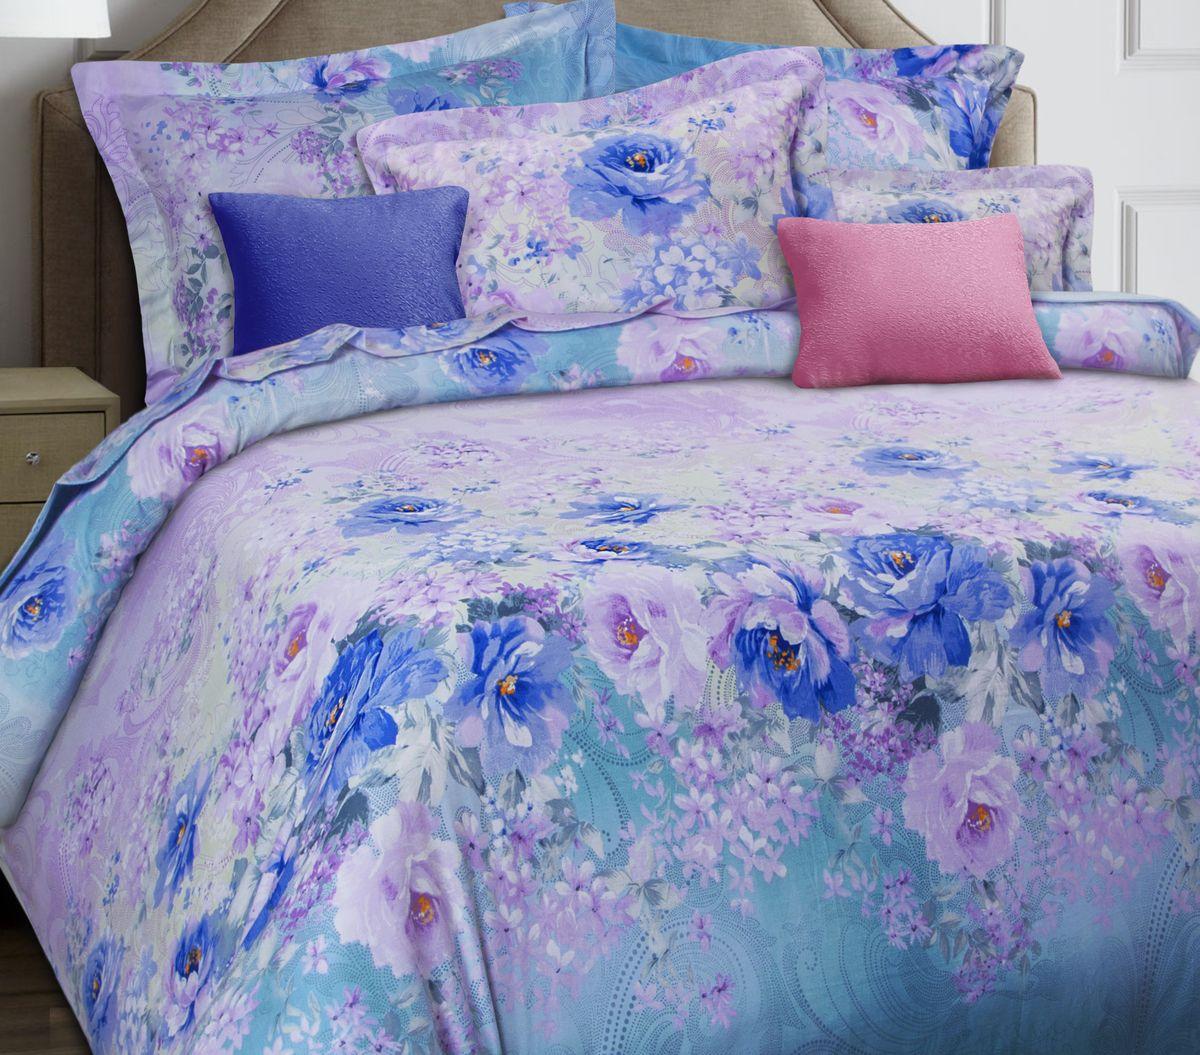 Комплект белья Mona Liza Premium. Hypnosis, 1.5-спальный, наволочки 70х705047/011Комплект постельного белья Mona Liza выполнен из сатина (100% хлопок), состоит из пододеяльника, простыни и двух наволочек. Изделия оформлены цветочным принтом и декоративной отделкой.Такой изящный комплект, упакованный в чемоданчик, подойдет для любого стилевого и цветового решения интерьера, а также создаст в доме уют.